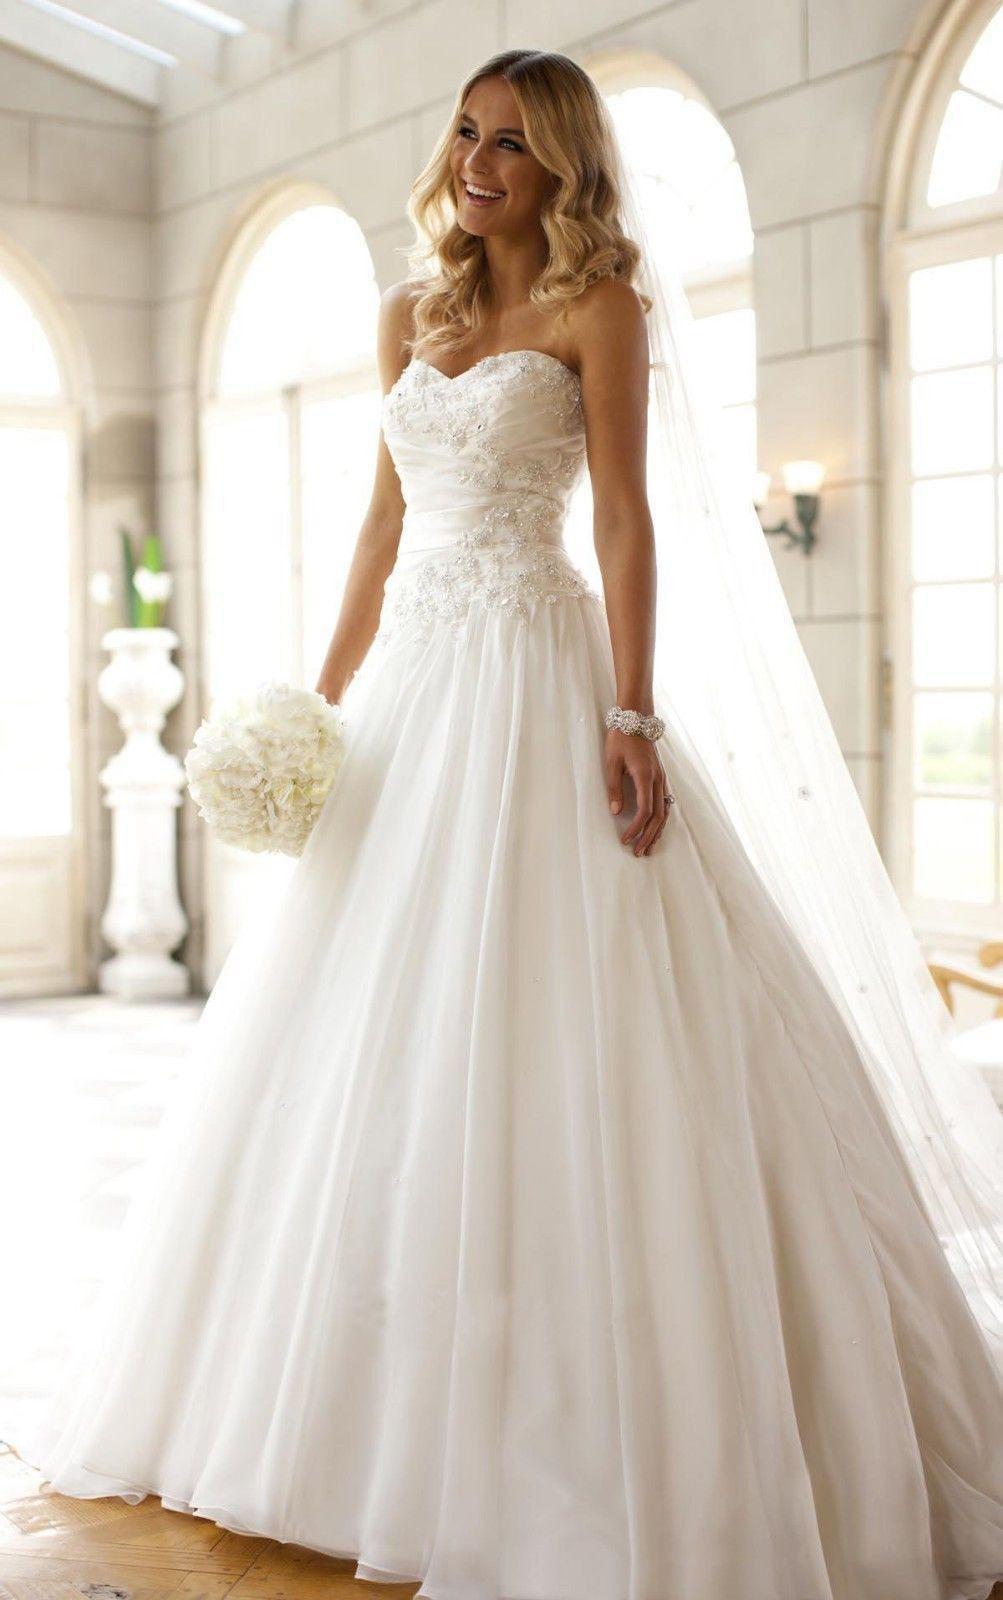 69a921bbf20 Svatební šaty z ebay  ... zkušenosti - - Svatební...